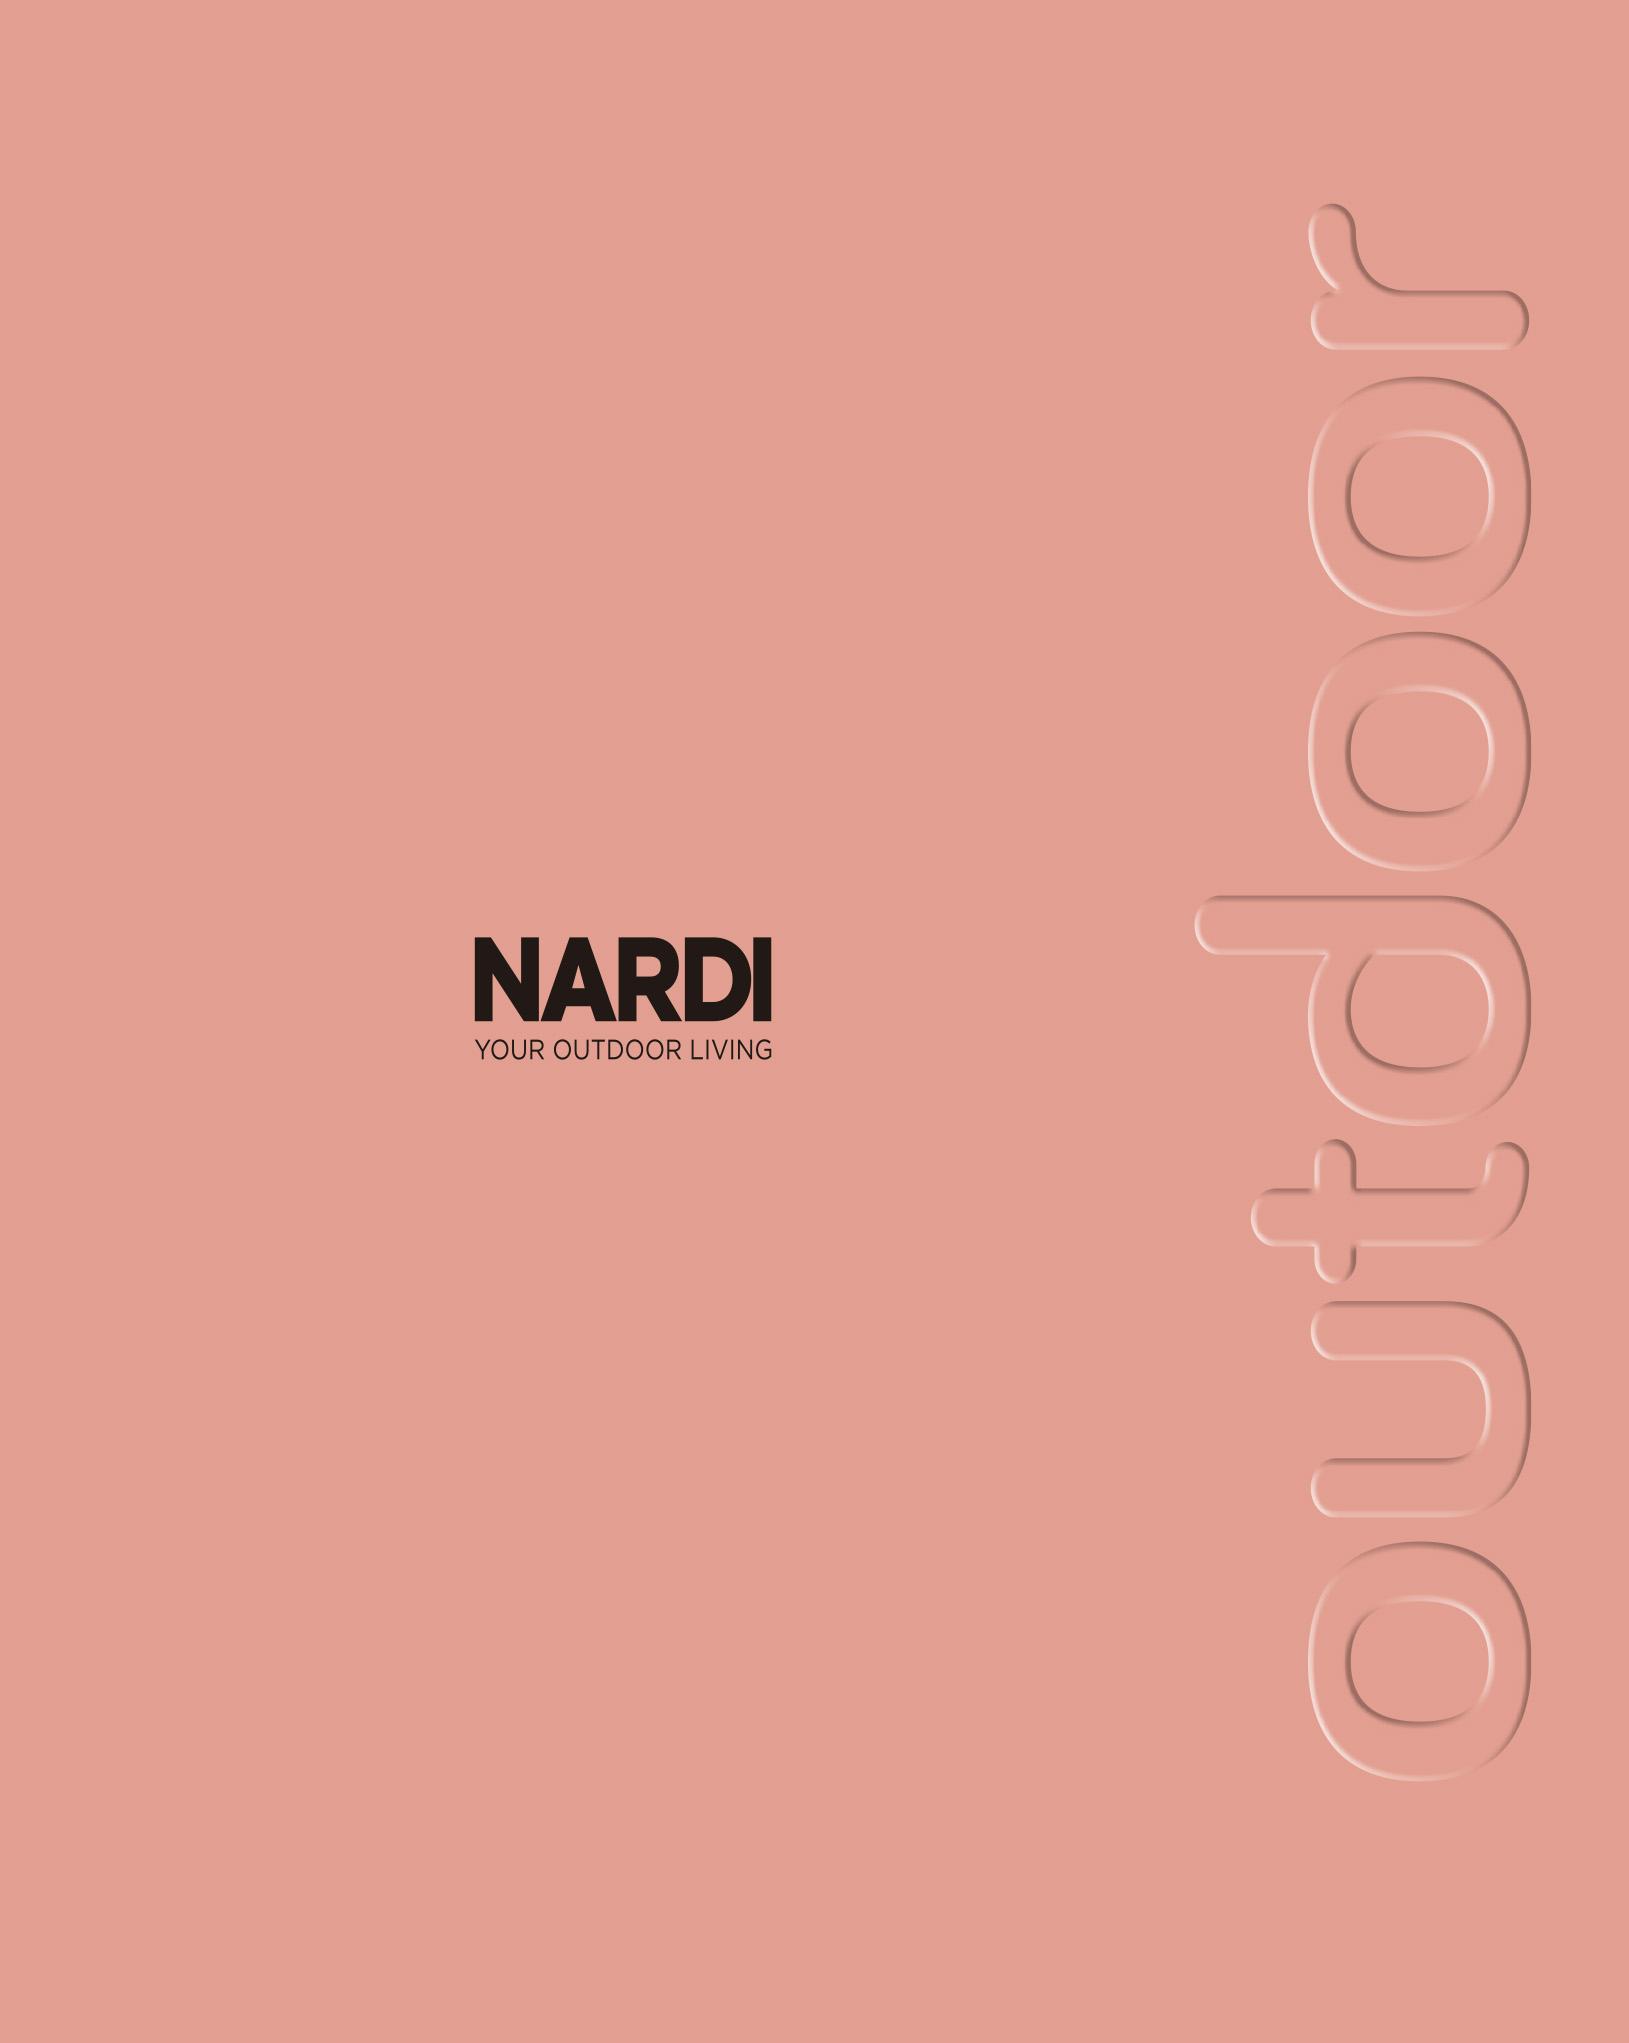 nardi-outdoor-2019